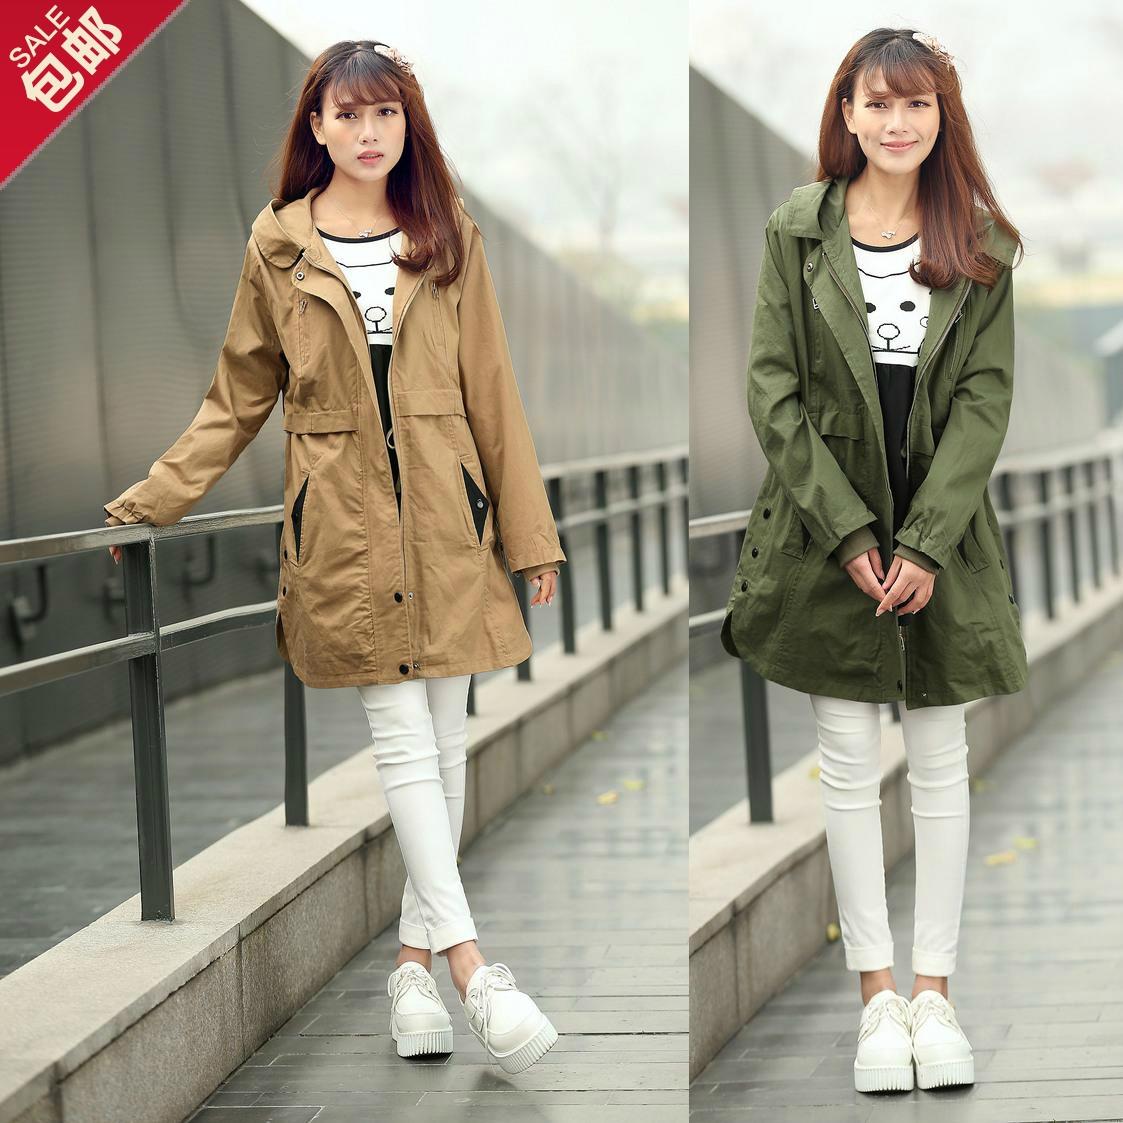 Пальто для беременных Coat 5056 5056 2014 MM